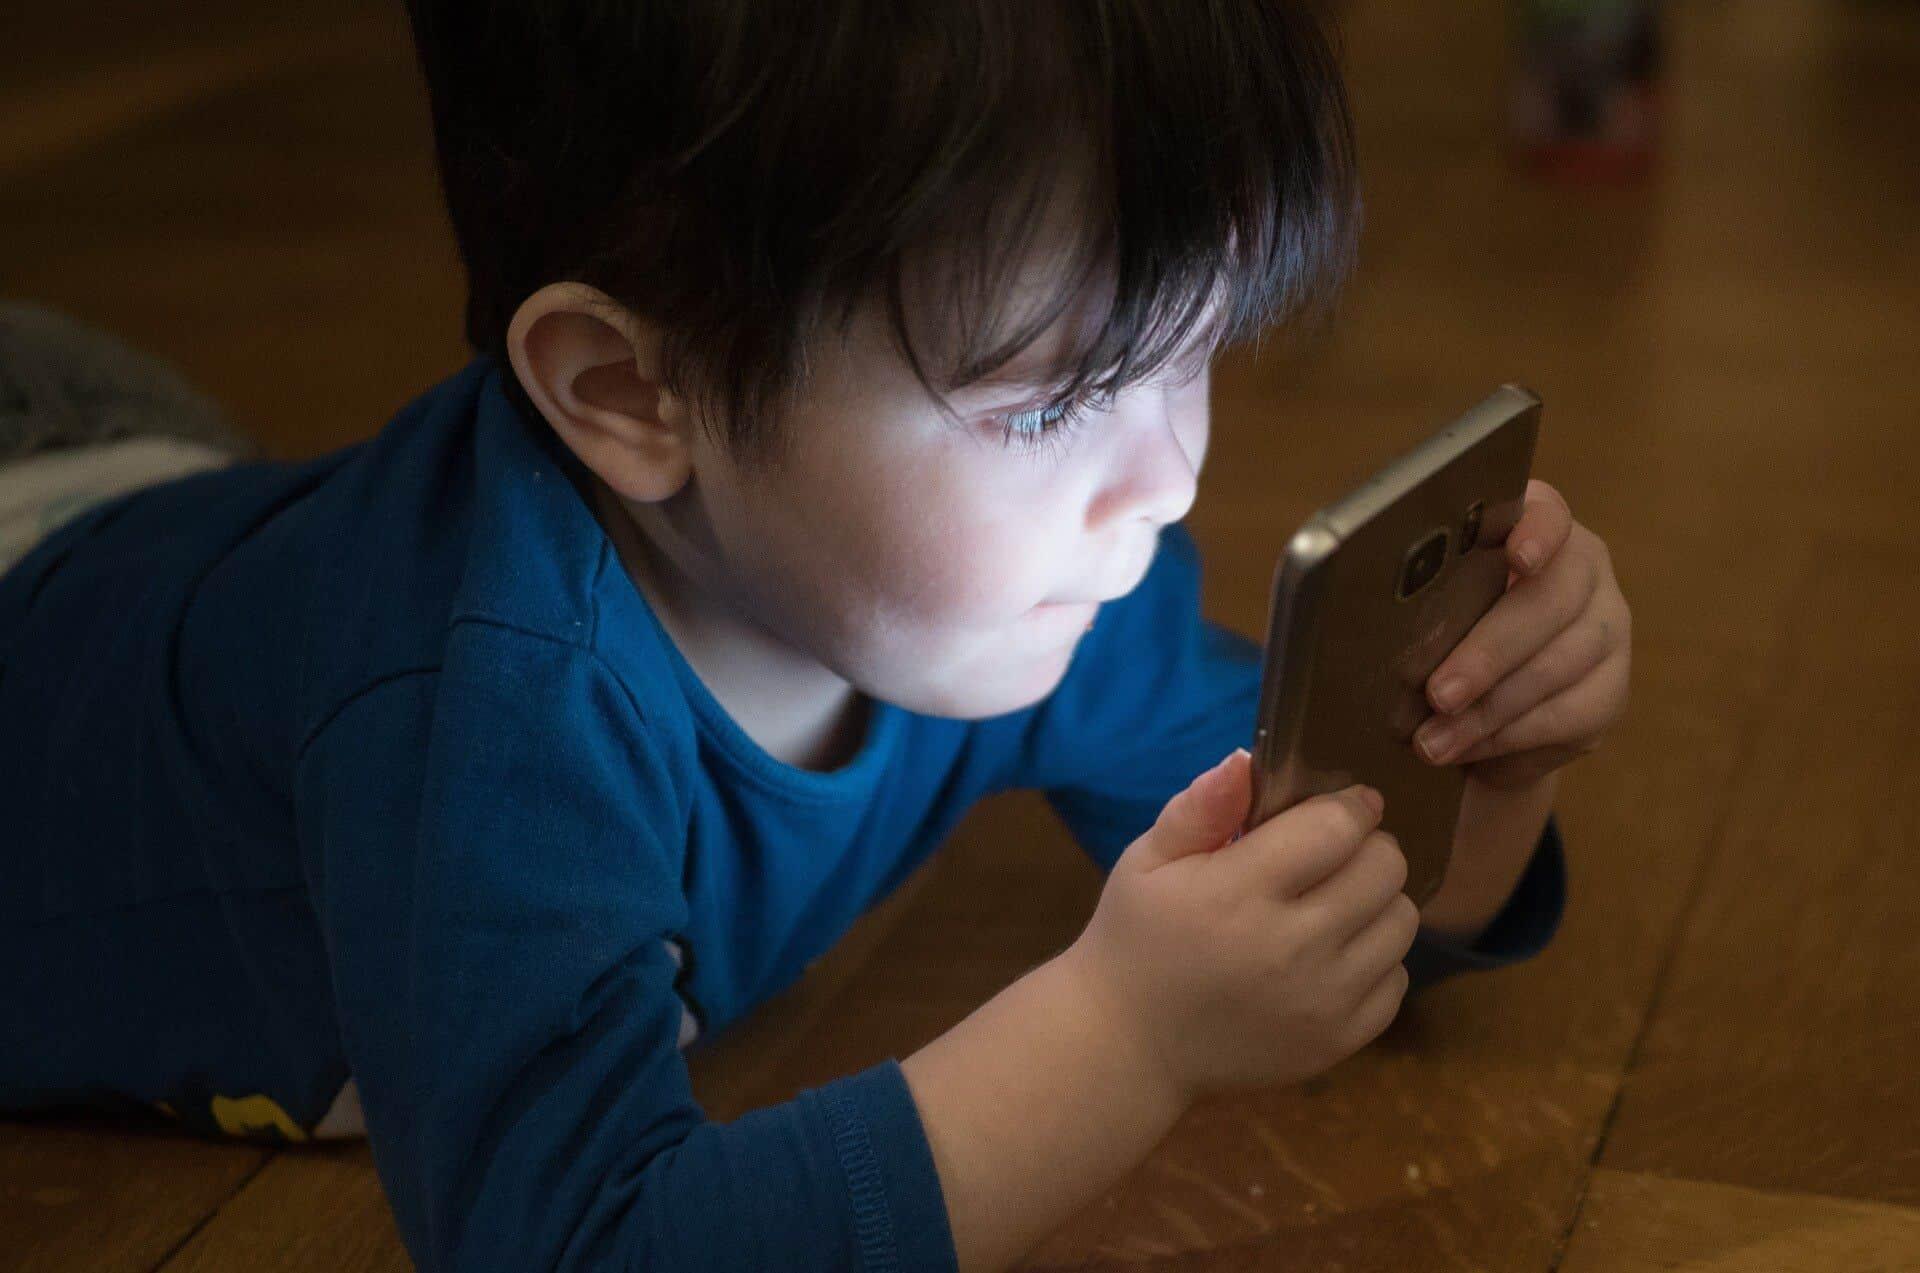 Sicherheitstipps für Babyfotos im Netz